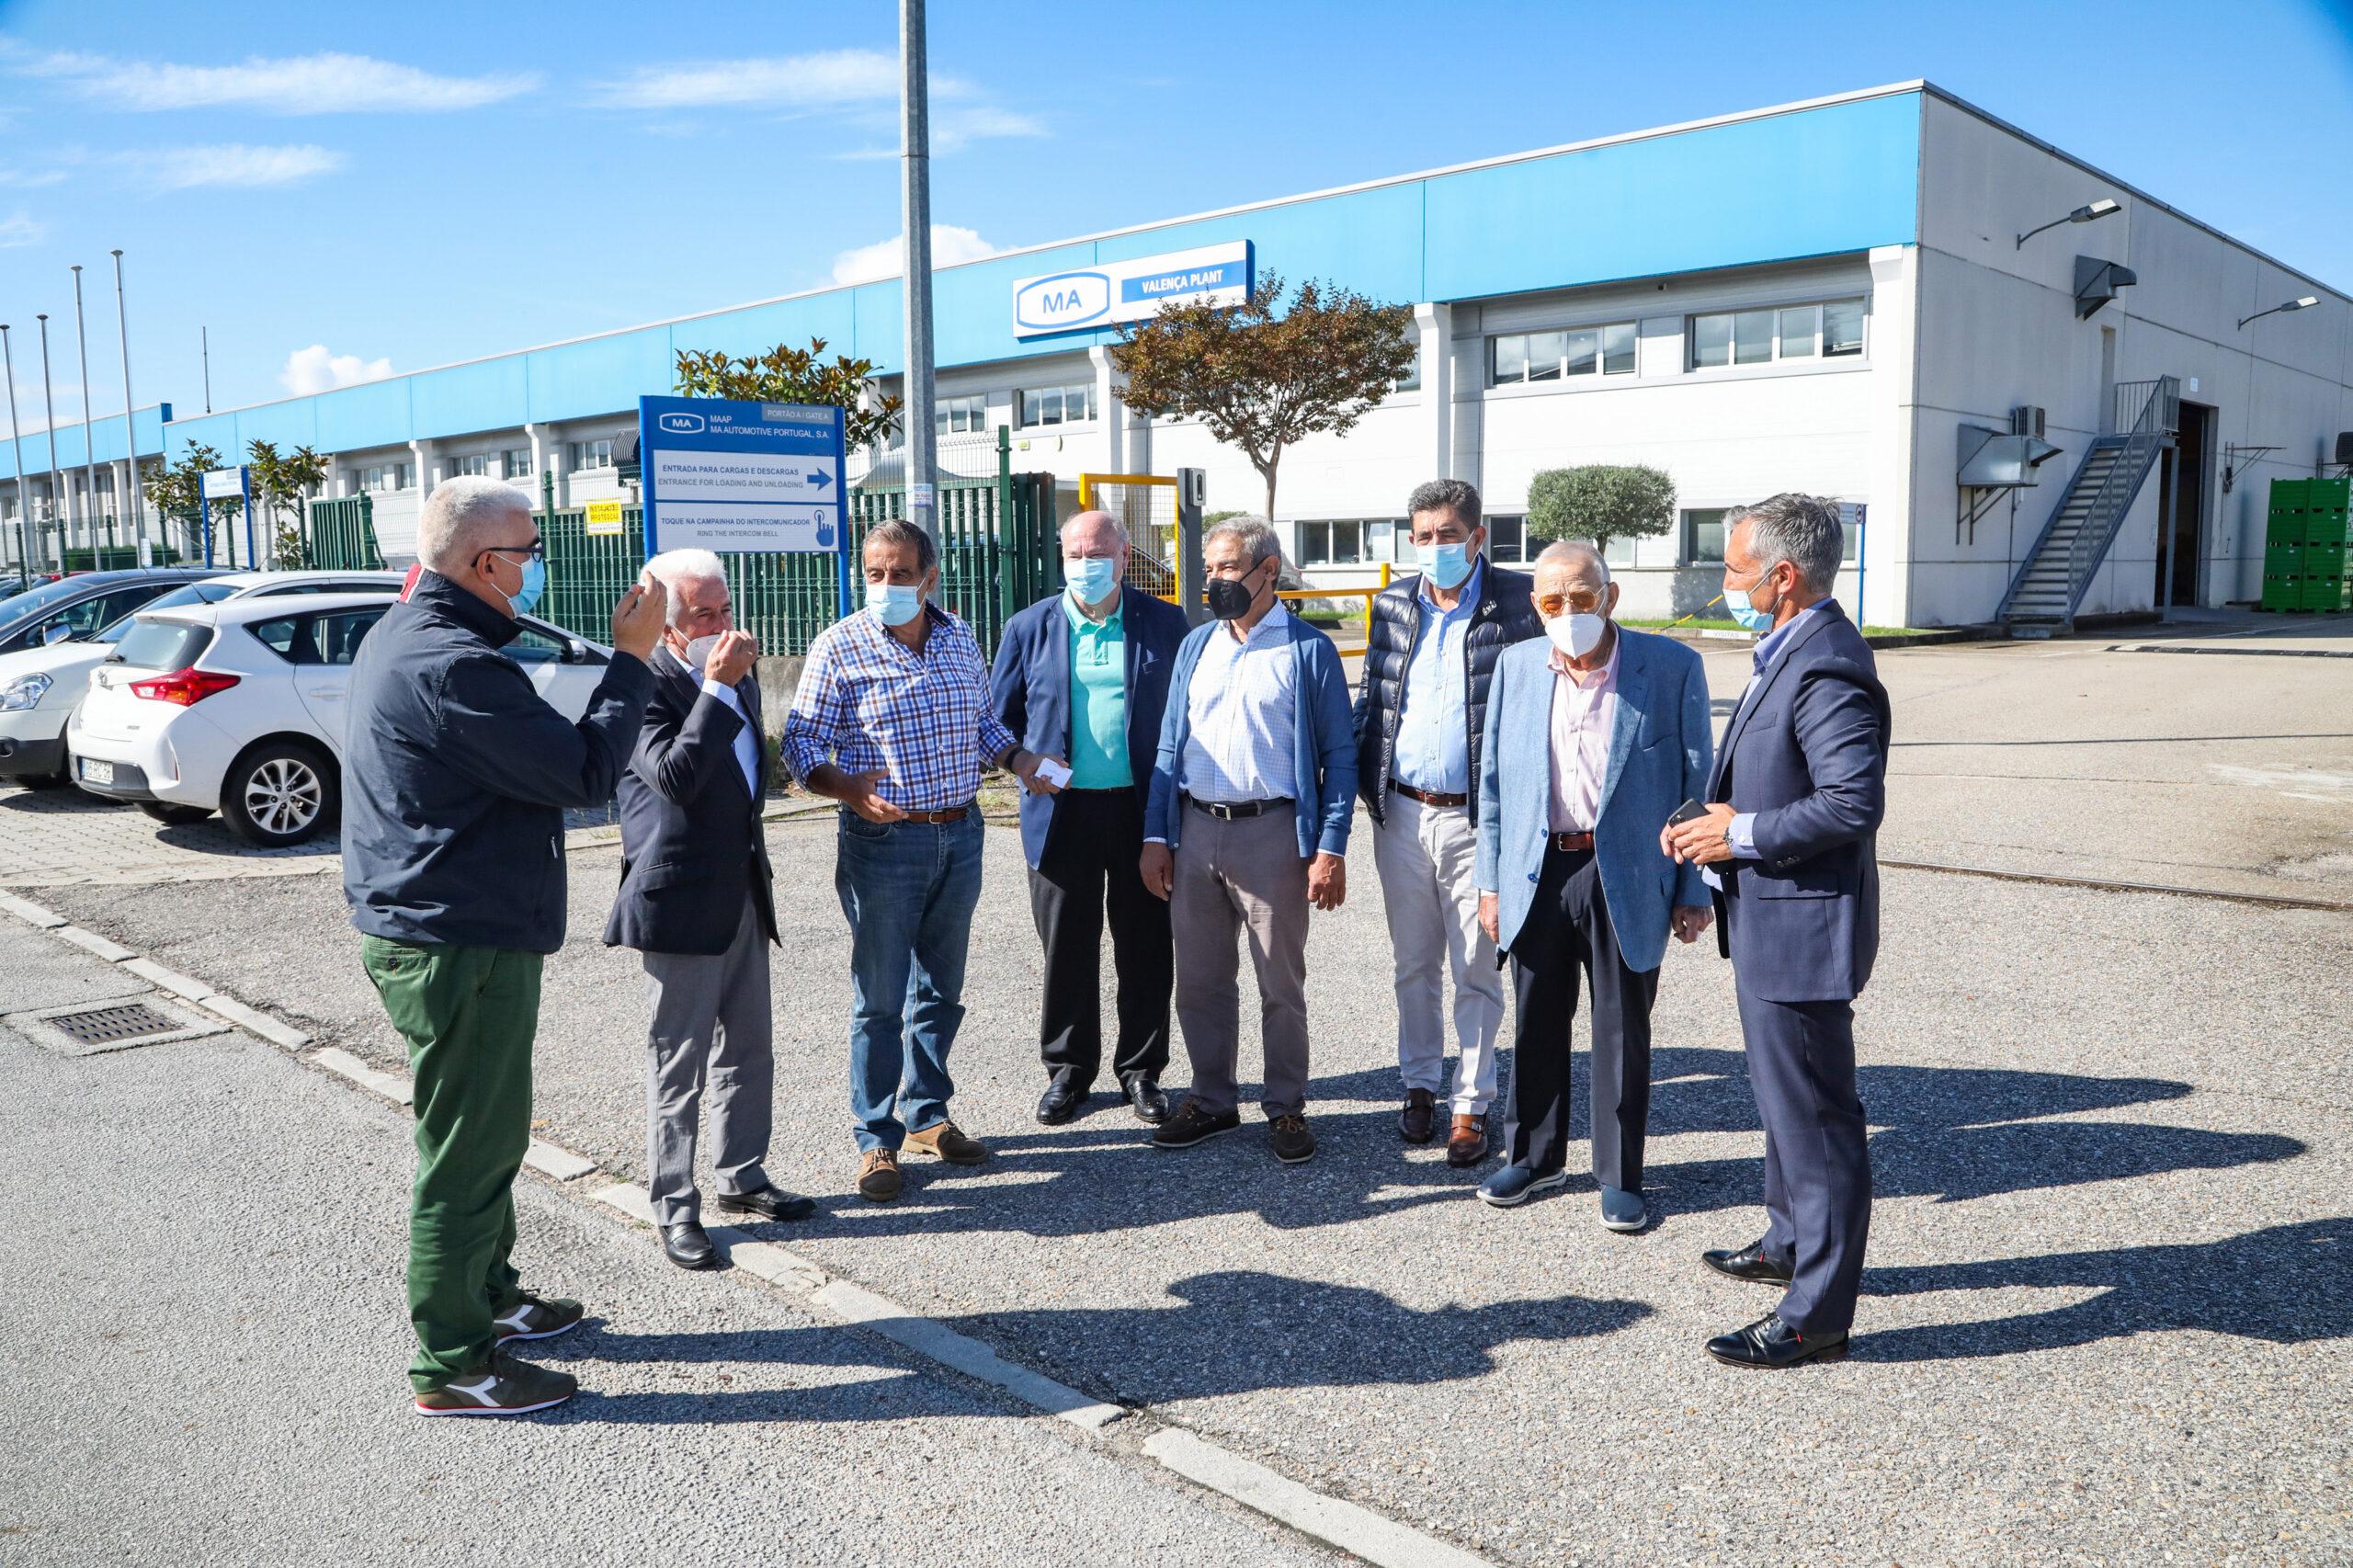 El Presidente de la Cámara de Valença acompaña a los empresarios en una visita al Polígono Industrial